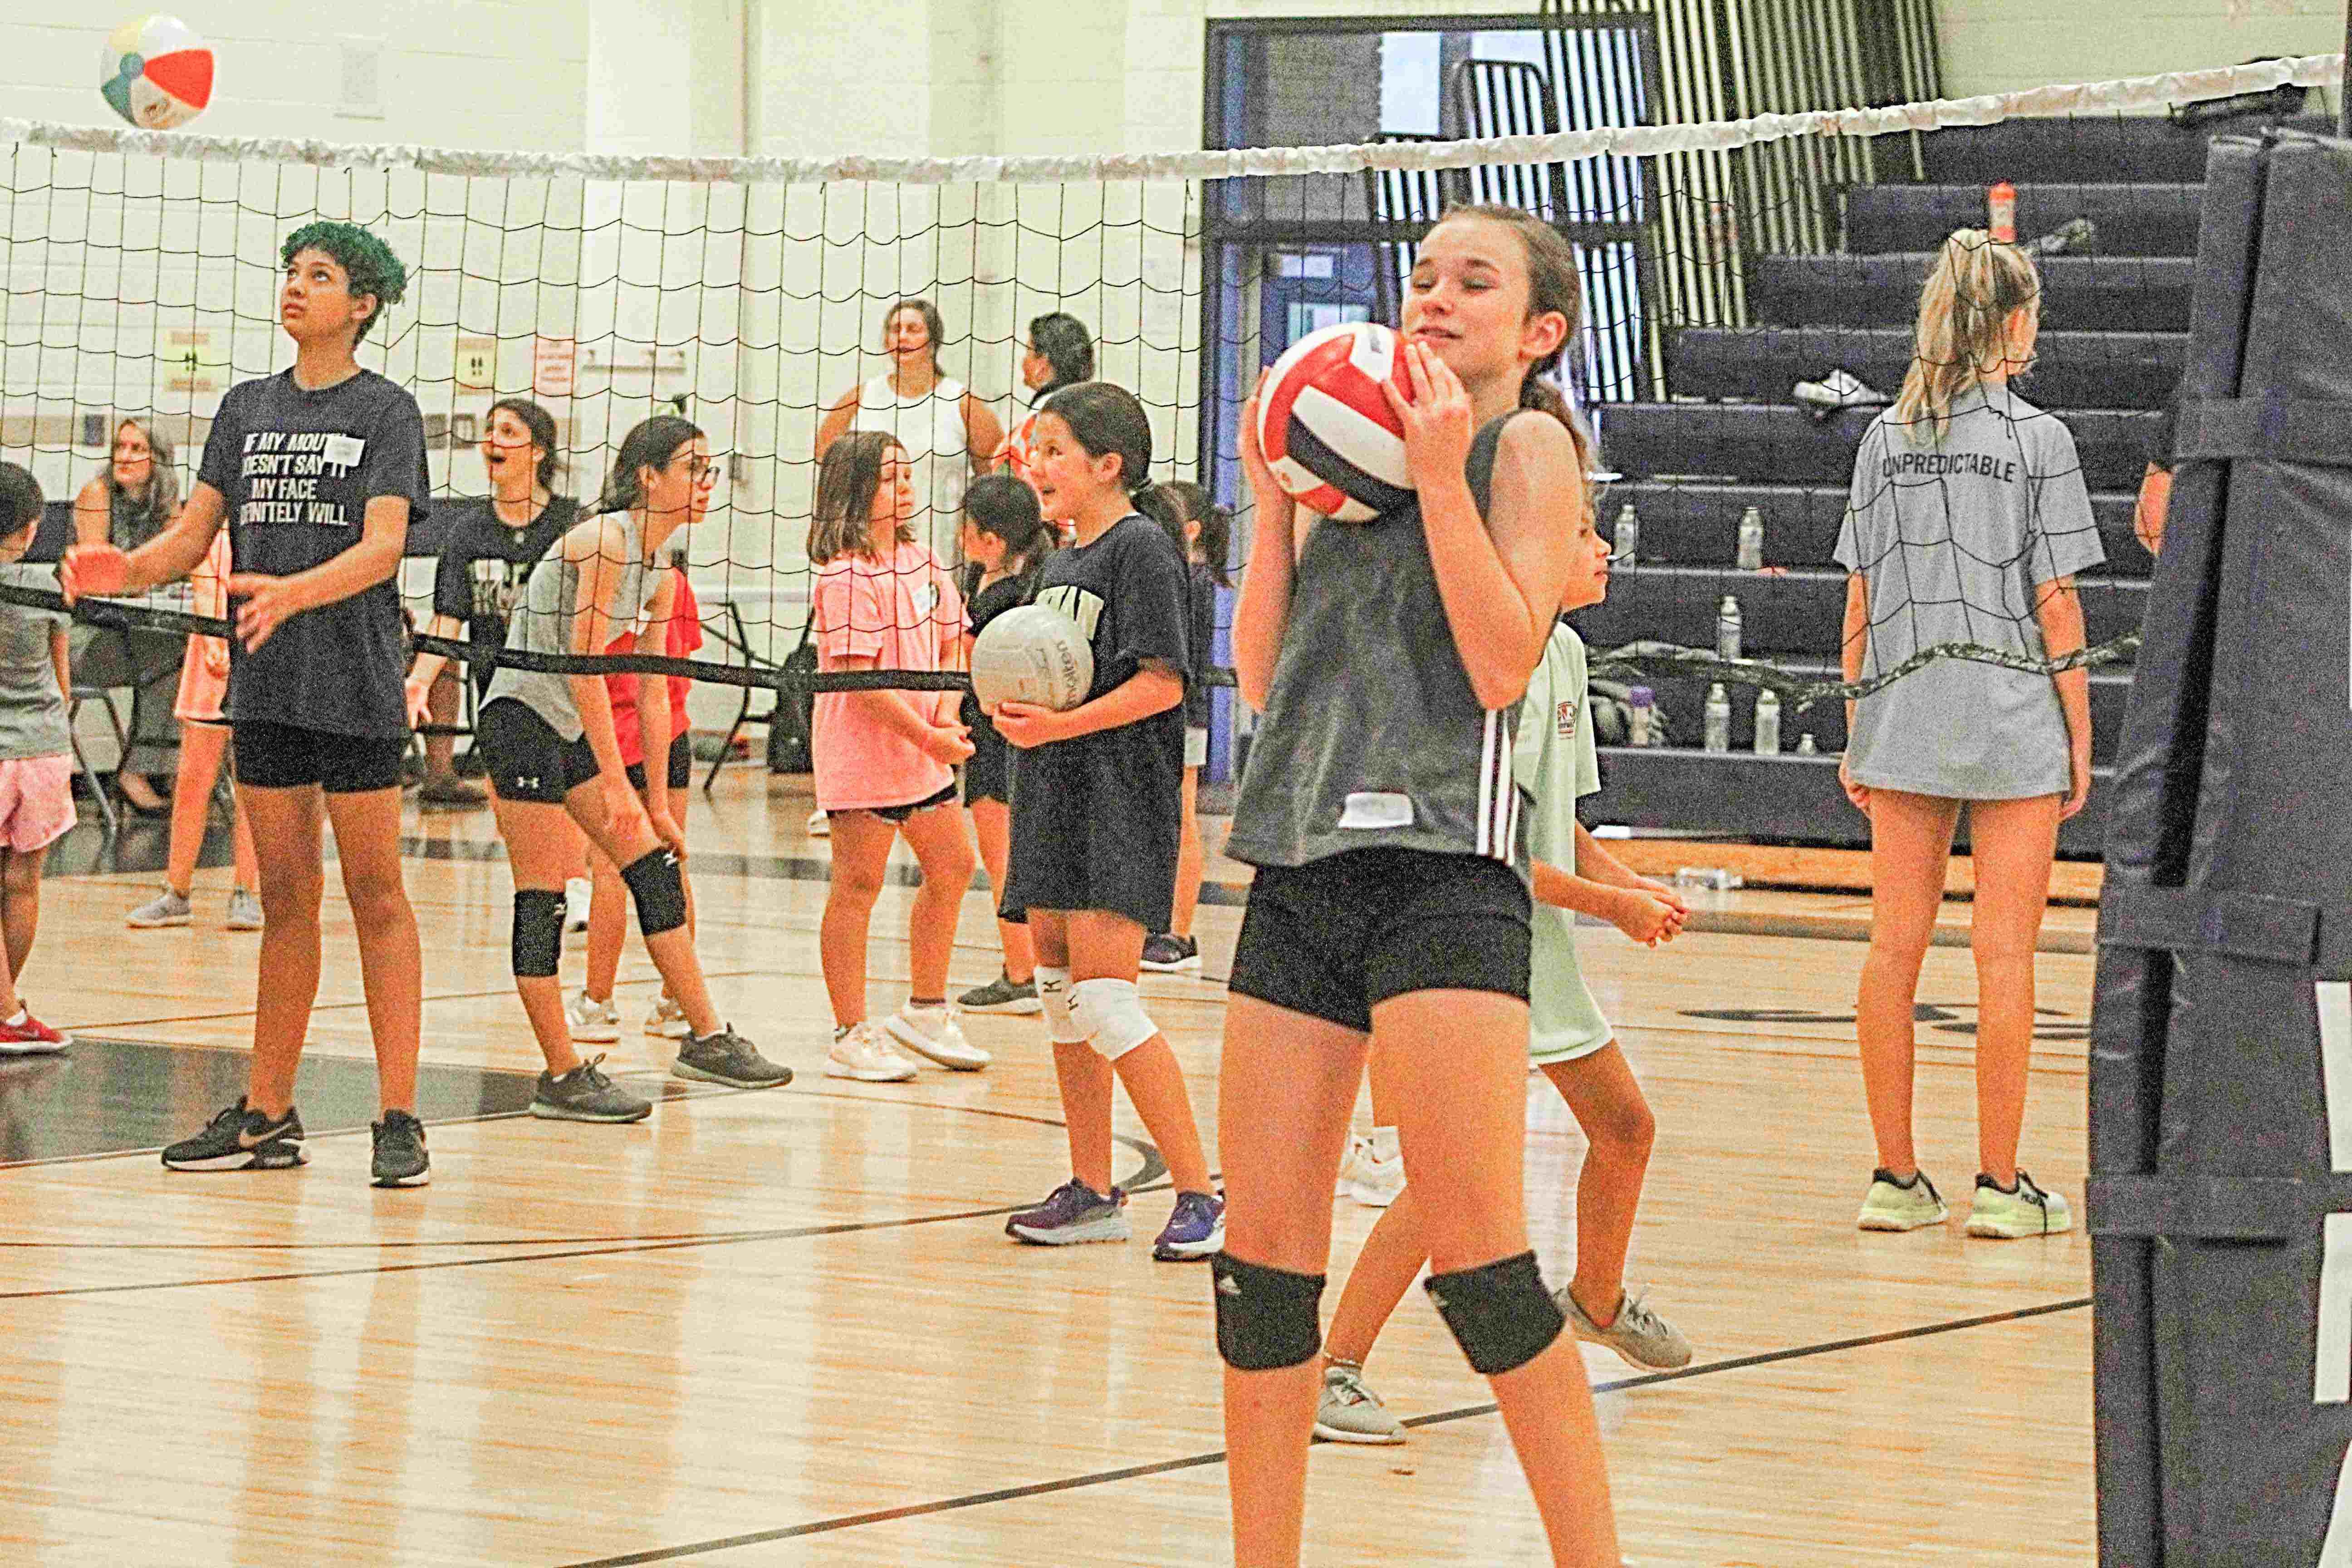 07-21-2021-Newnan-Volleyball-Camp-012.jpg?mtime=20210720173304#asset:63576